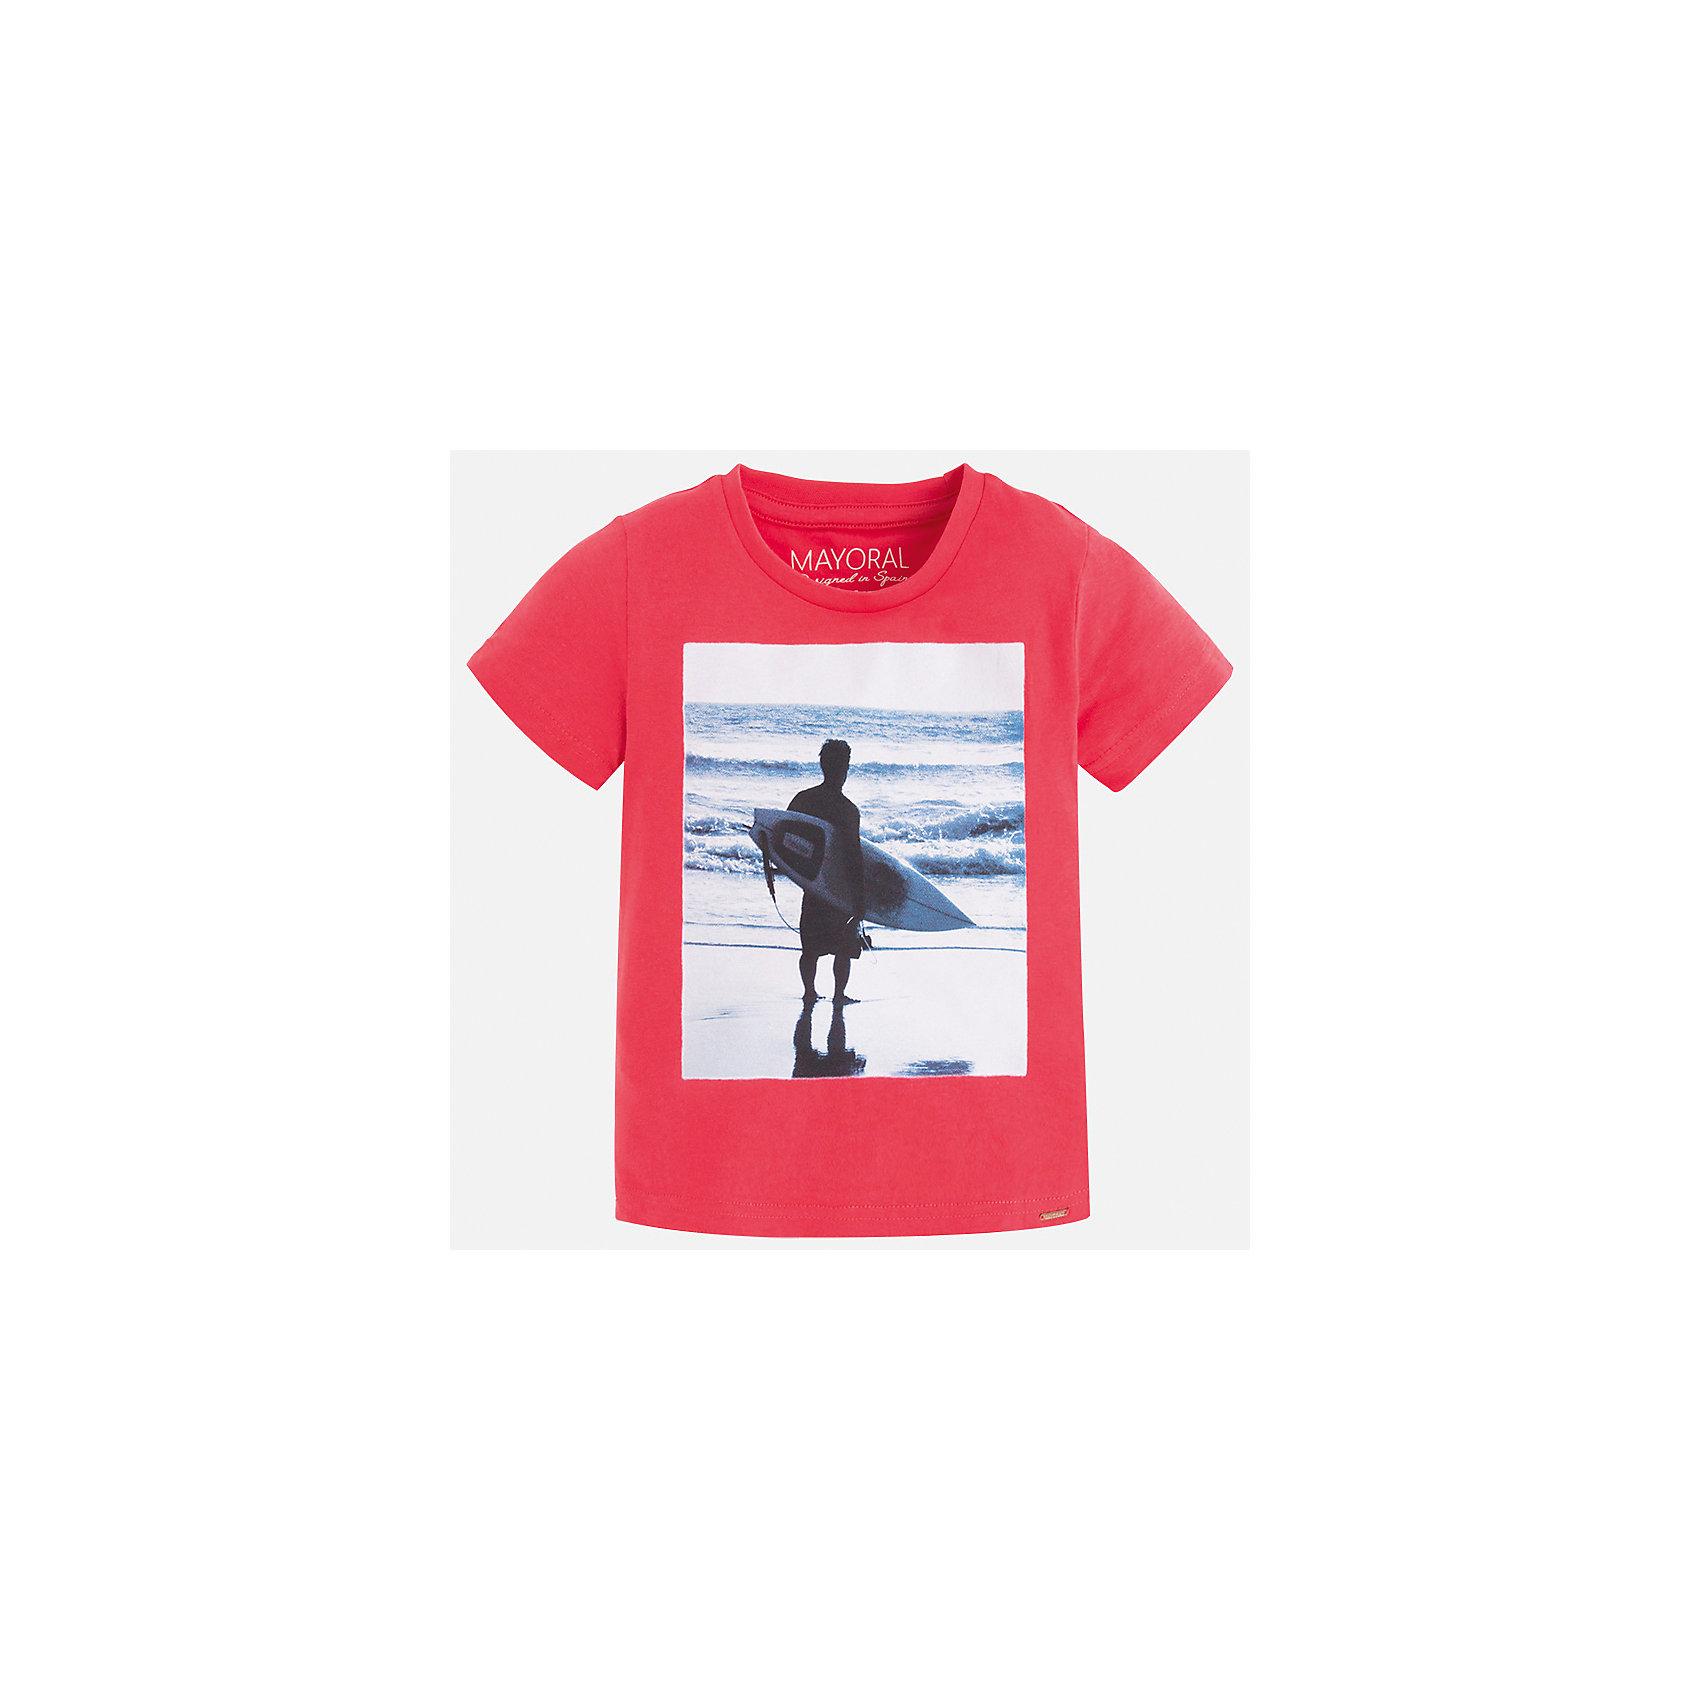 Футболка для мальчика MayoralЛови волну<br>Характеристики товара:<br><br>• цвет: розовый<br>• состав: 100% хлопок<br>• круглый горловой вырез<br>• декорирована принтом<br>• короткие рукава<br>• отделка горловины<br>• страна бренда: Испания<br><br>Стильная удобная футболка с принтом поможет разнообразить гардероб мальчика. Она отлично сочетается с брюками, шортами, джинсами. Универсальный крой и цвет позволяет подобрать к вещи низ разных расцветок. Практичное и стильное изделие! Хорошо смотрится и комфортно сидит на детях. В составе материала - только натуральный хлопок, гипоаллергенный, приятный на ощупь, дышащий. <br><br>Одежда, обувь и аксессуары от испанского бренда Mayoral полюбились детям и взрослым по всему миру. Модели этой марки - стильные и удобные. Для их производства используются только безопасные, качественные материалы и фурнитура. Порадуйте ребенка модными и красивыми вещами от Mayoral! <br><br>Футболку для мальчика от испанского бренда Mayoral (Майорал) можно купить в нашем интернет-магазине.<br><br>Ширина мм: 199<br>Глубина мм: 10<br>Высота мм: 161<br>Вес г: 151<br>Цвет: красный<br>Возраст от месяцев: 18<br>Возраст до месяцев: 24<br>Пол: Мужской<br>Возраст: Детский<br>Размер: 92,98,134,128,122,116,110,104<br>SKU: 5279981